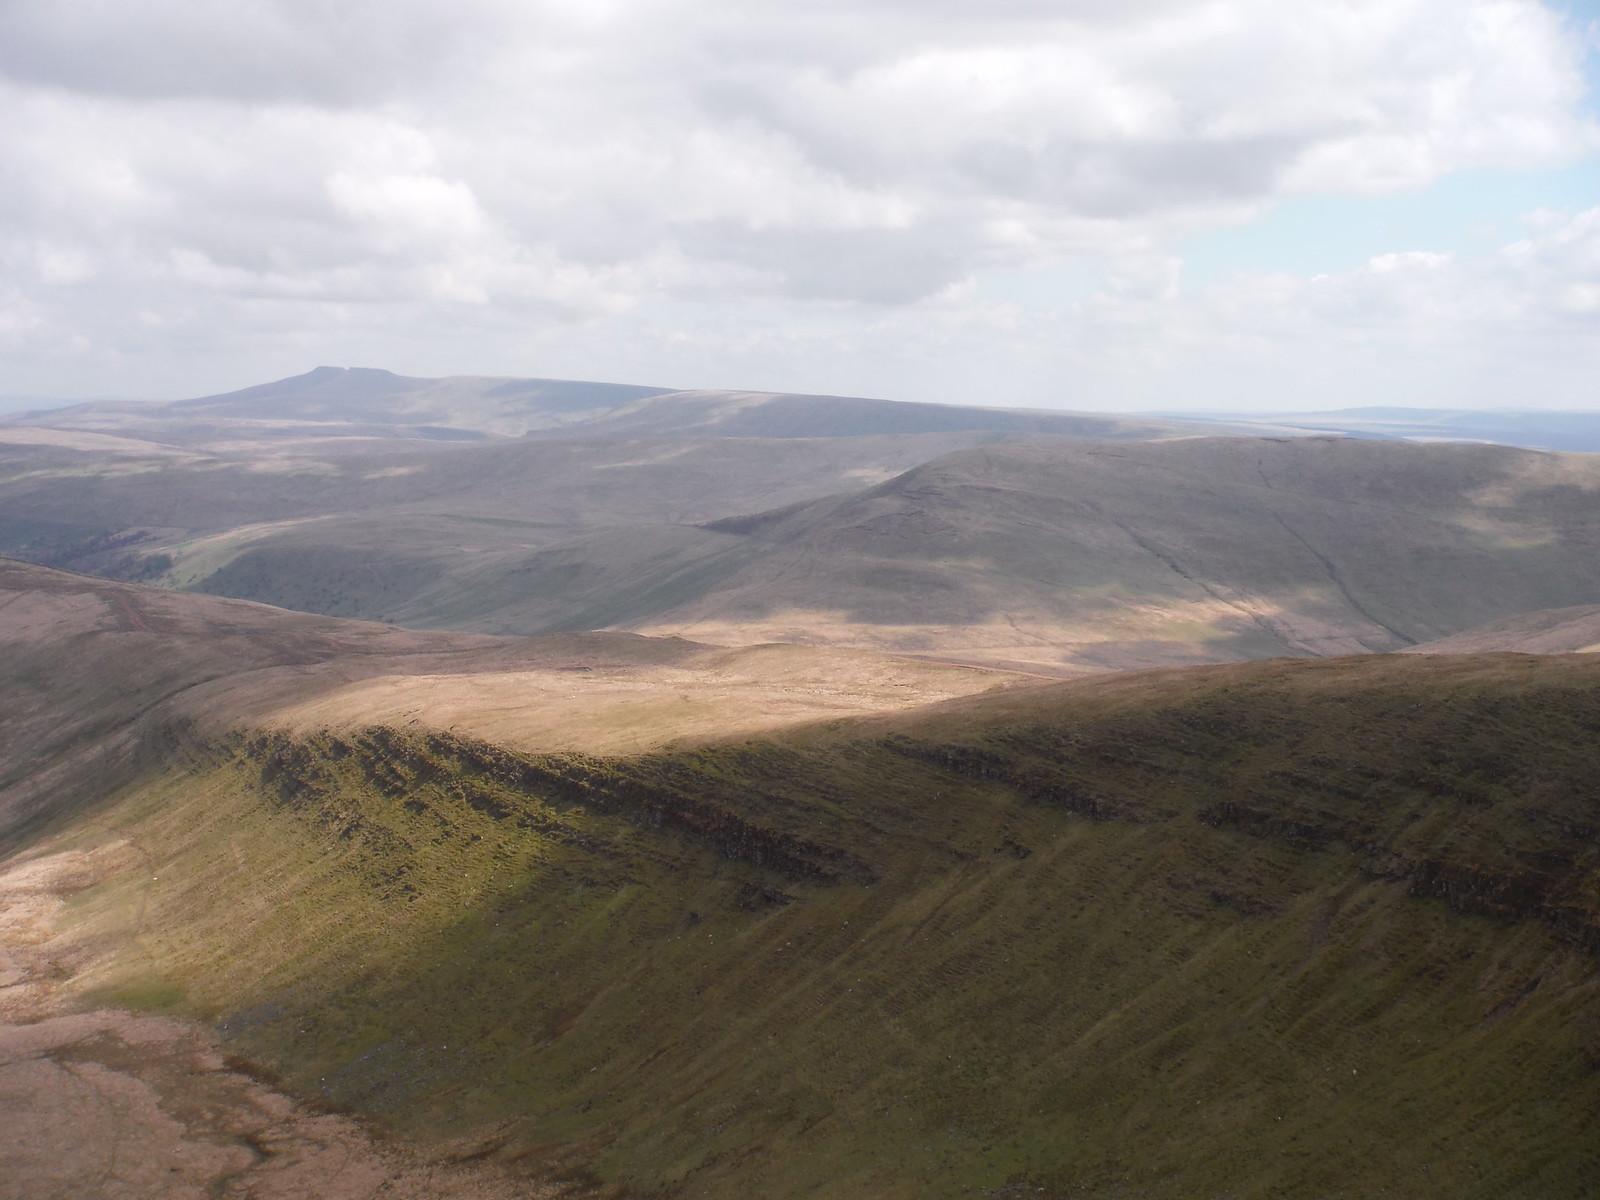 Fan Nedd, Fan Dringarth, Corn Du and Pen y Fan SWC Walk 307 - Fforest Fawr Traverse (Craig y Nos to Llwyn-y-celyn)